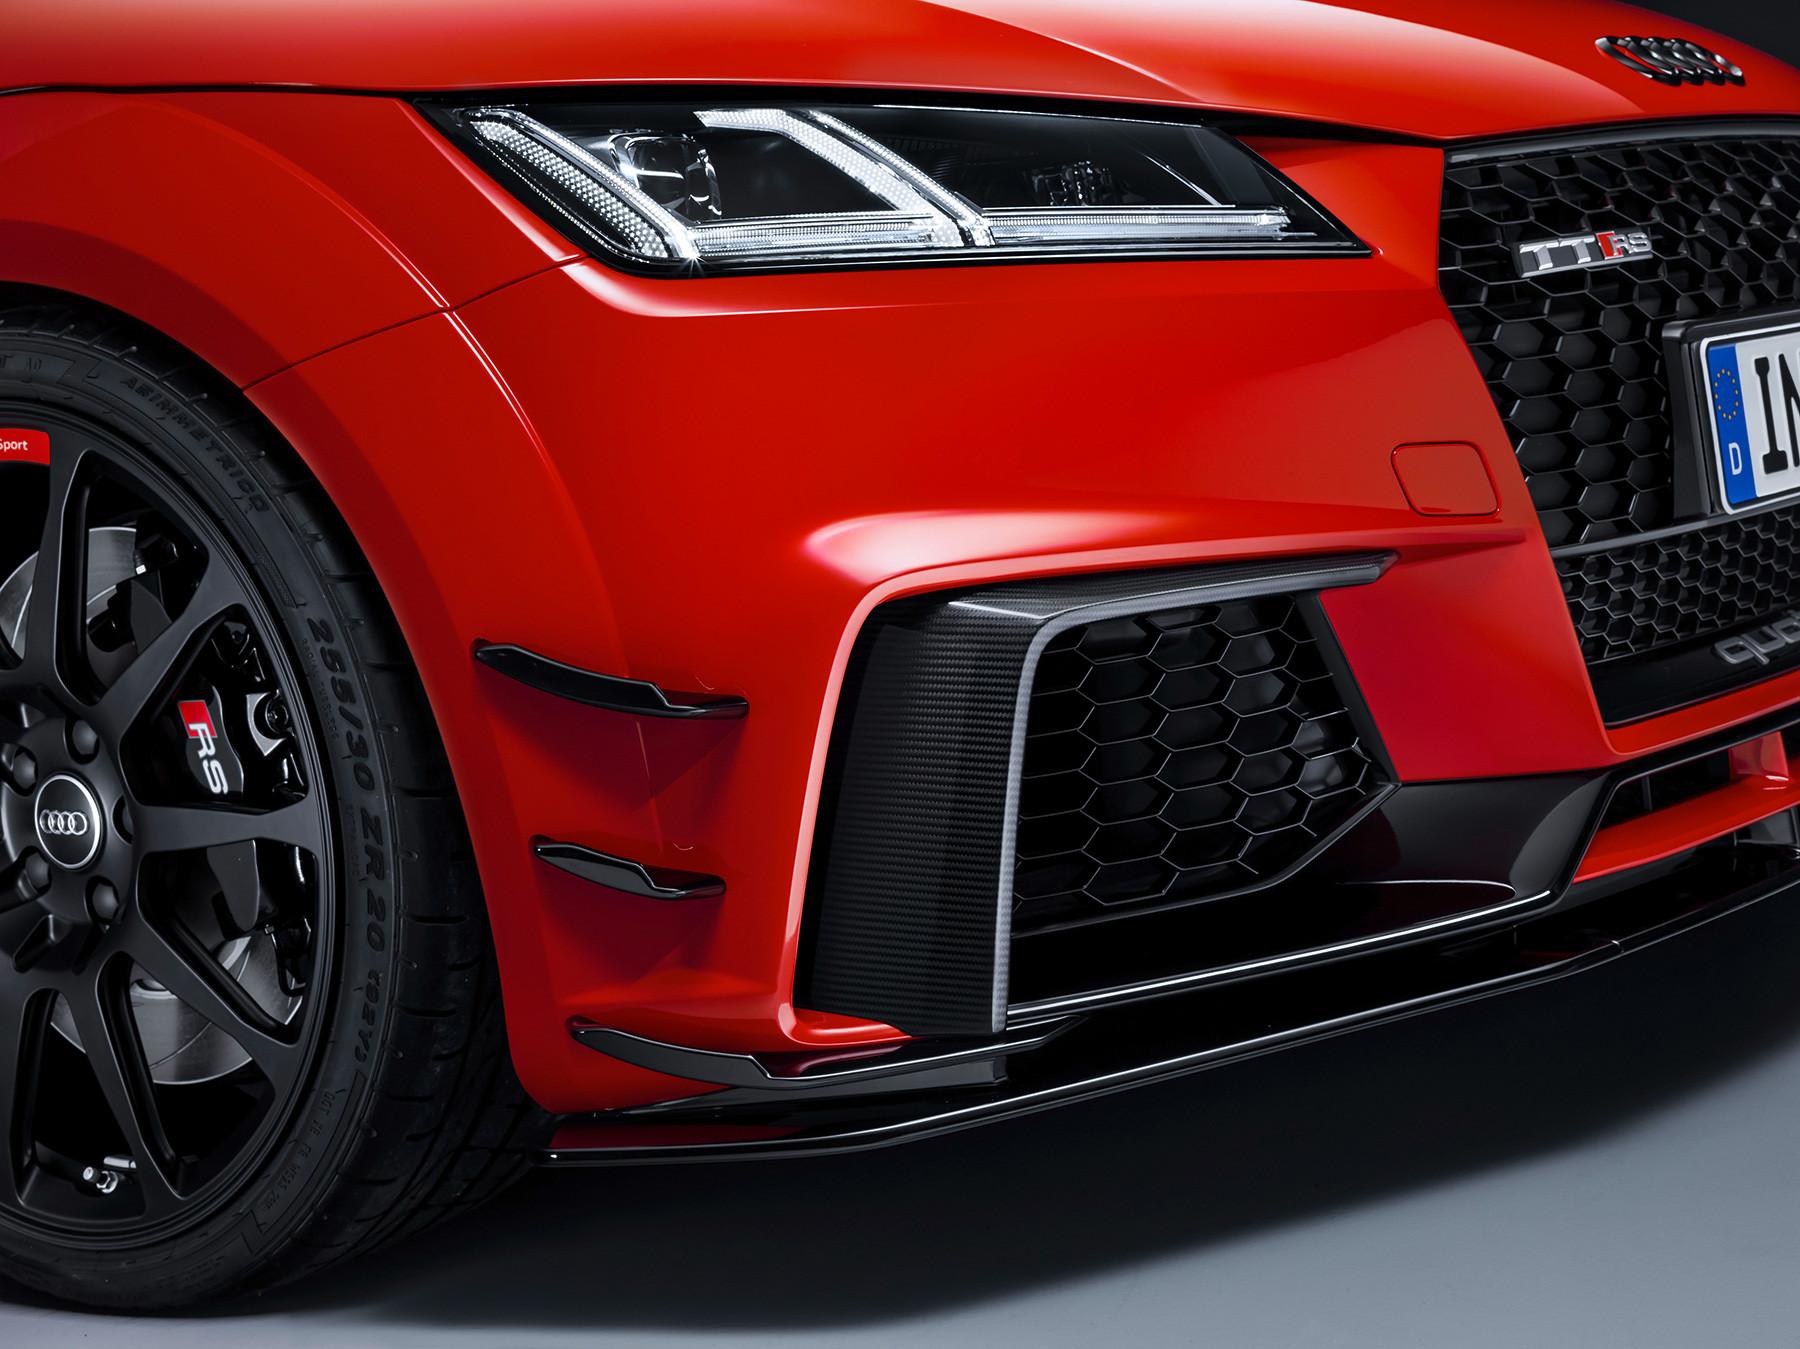 Foto de Audi Sport Performance Parts le inyecta más deportividad al R8 y TT (7/10)